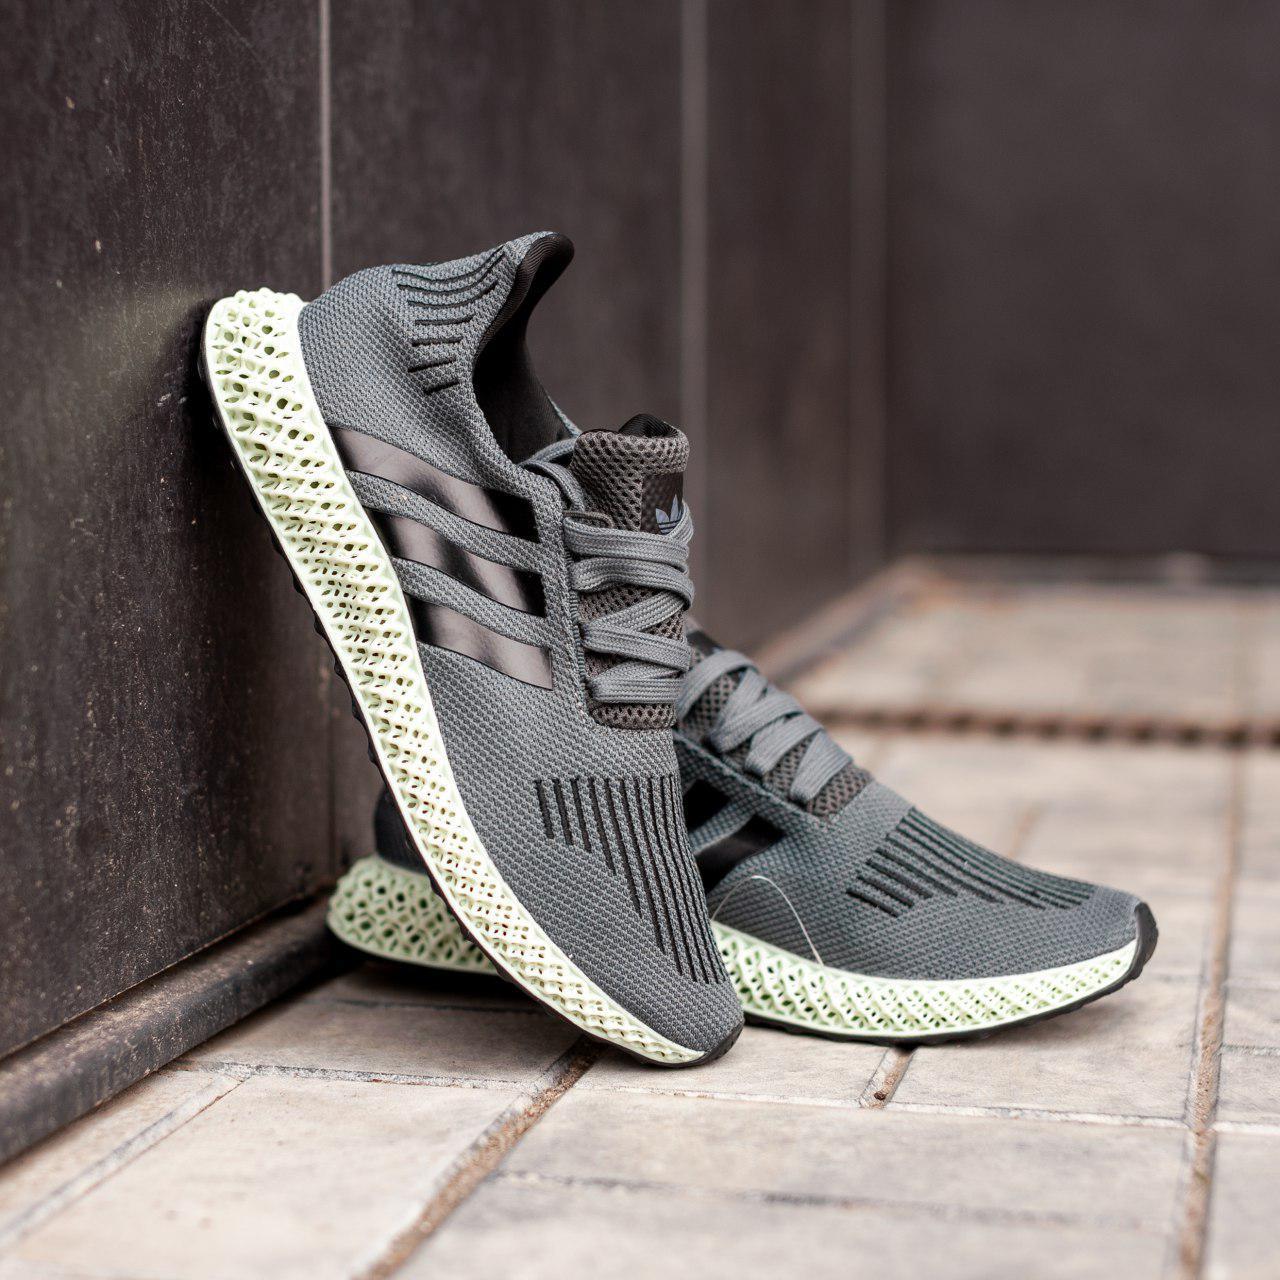 competitive price 0b409 2b5bd Мужские кроссовки в стиле Adidas × Daniel Arsham Future Runner 4D (Реплика  ААА+): продажа, цена в Ровно. кроссовки, кеды повседневные от